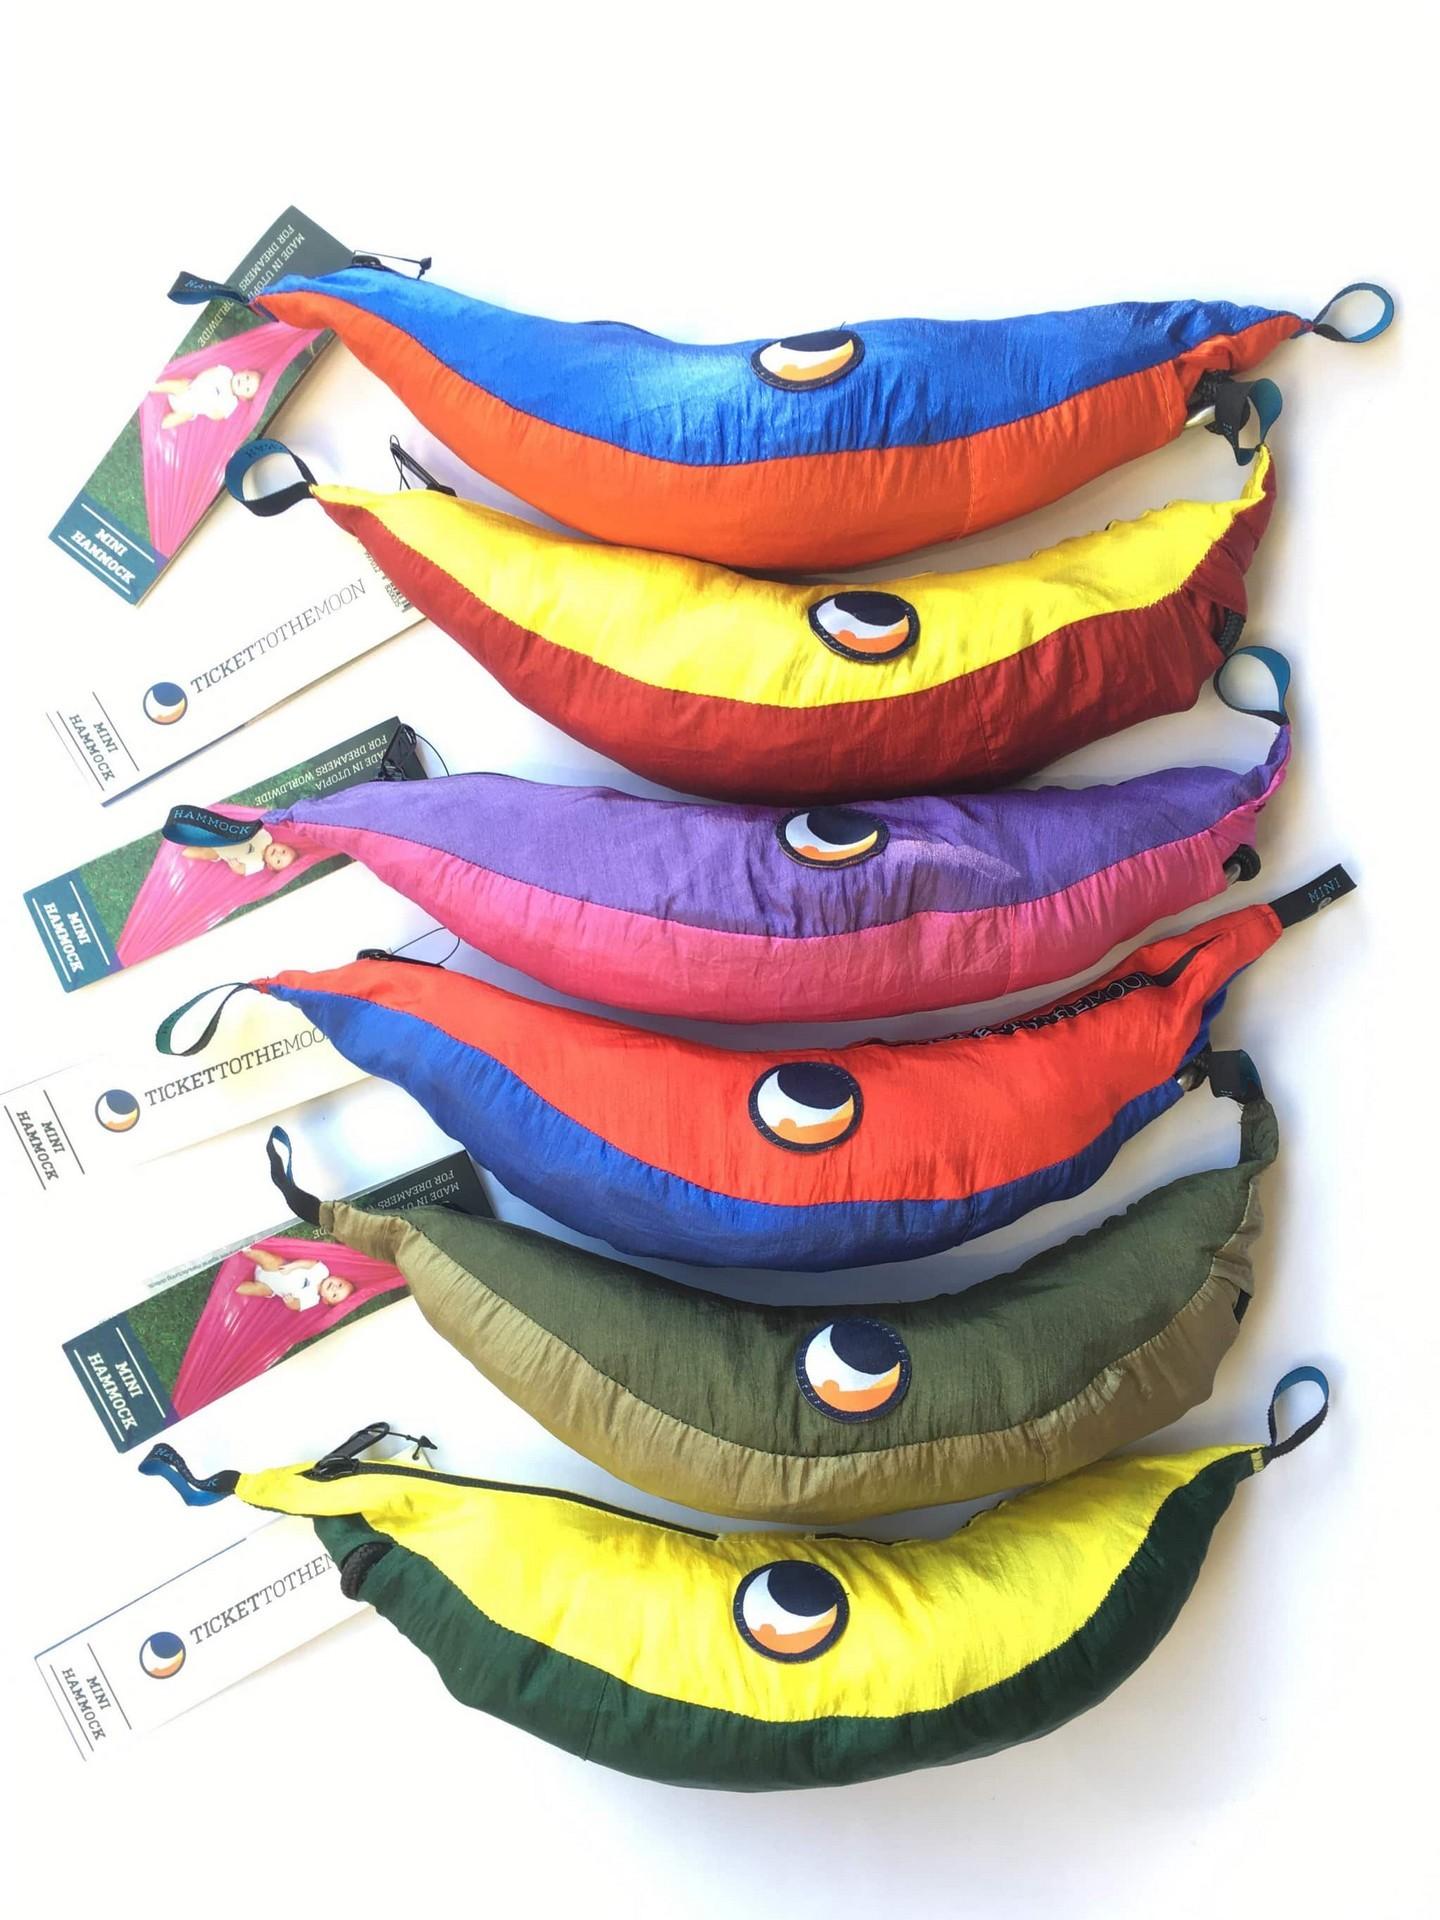 Компактную упаковку гамаков удобно брать на отдых.